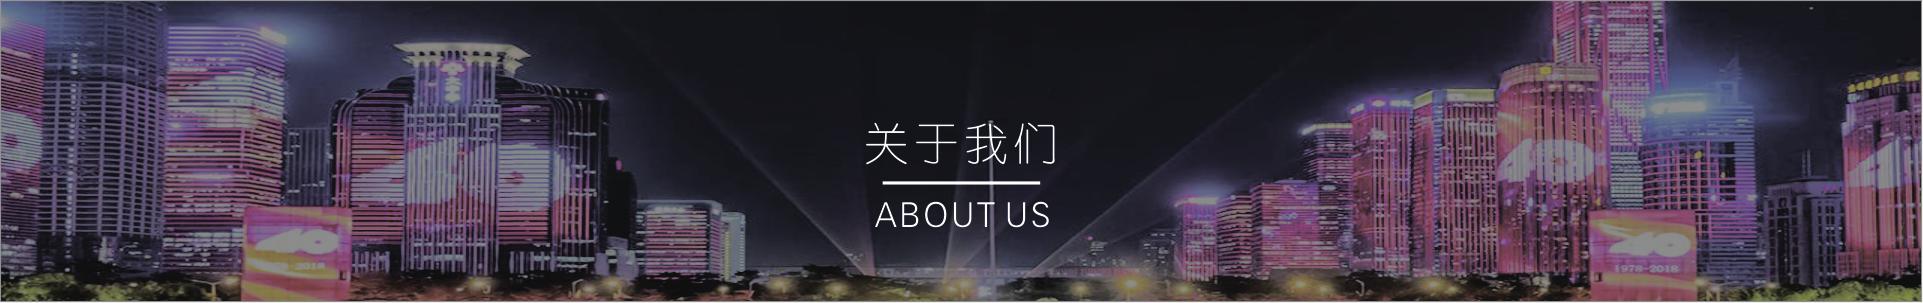 http://www.zhllzh.cn/data/upload/202101/20210105163555_179.jpg